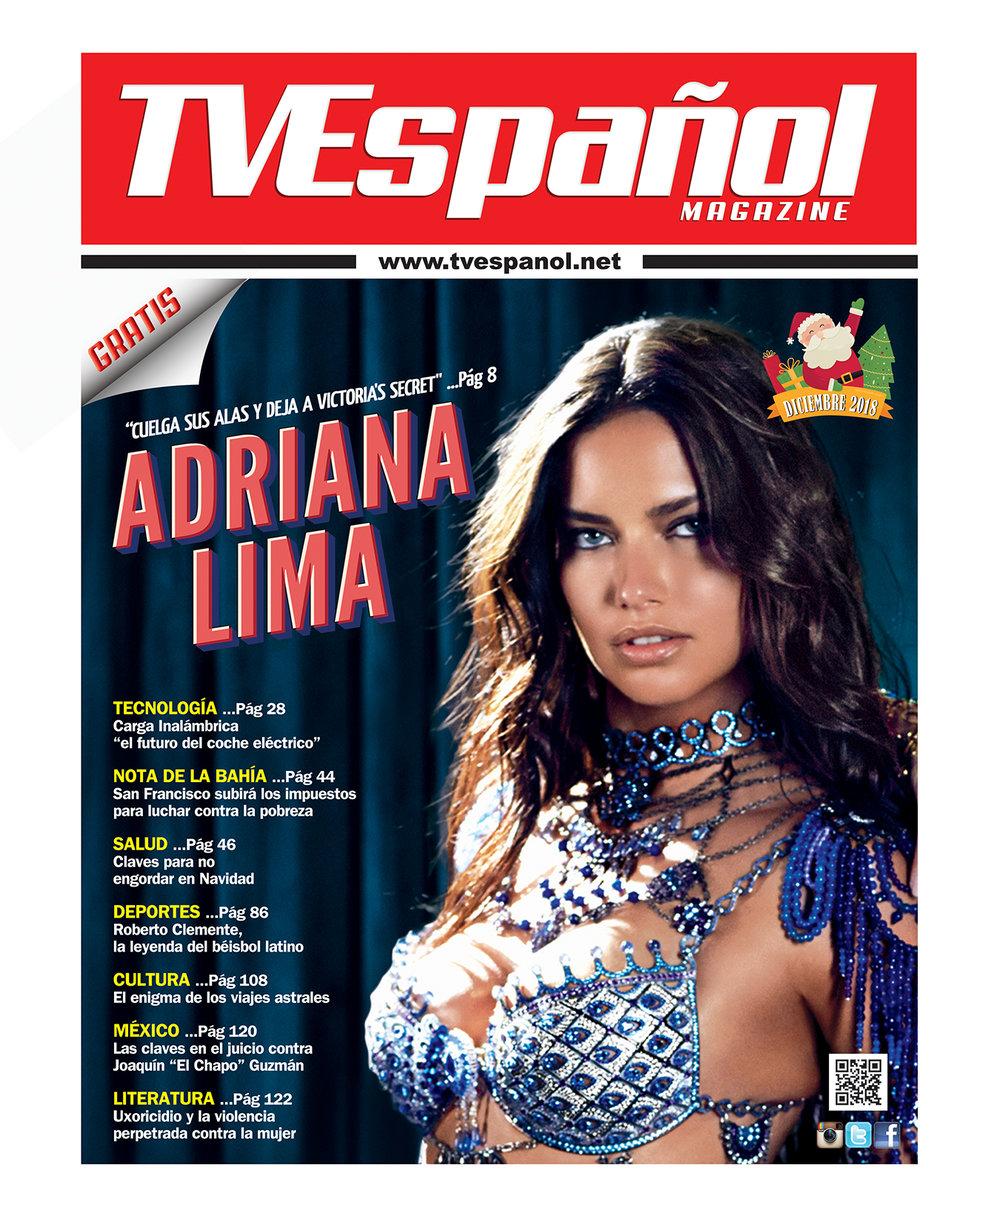 PORTADA - DICIEMBRE - ADRIANA LIMA - COVER NUEVO.jpg